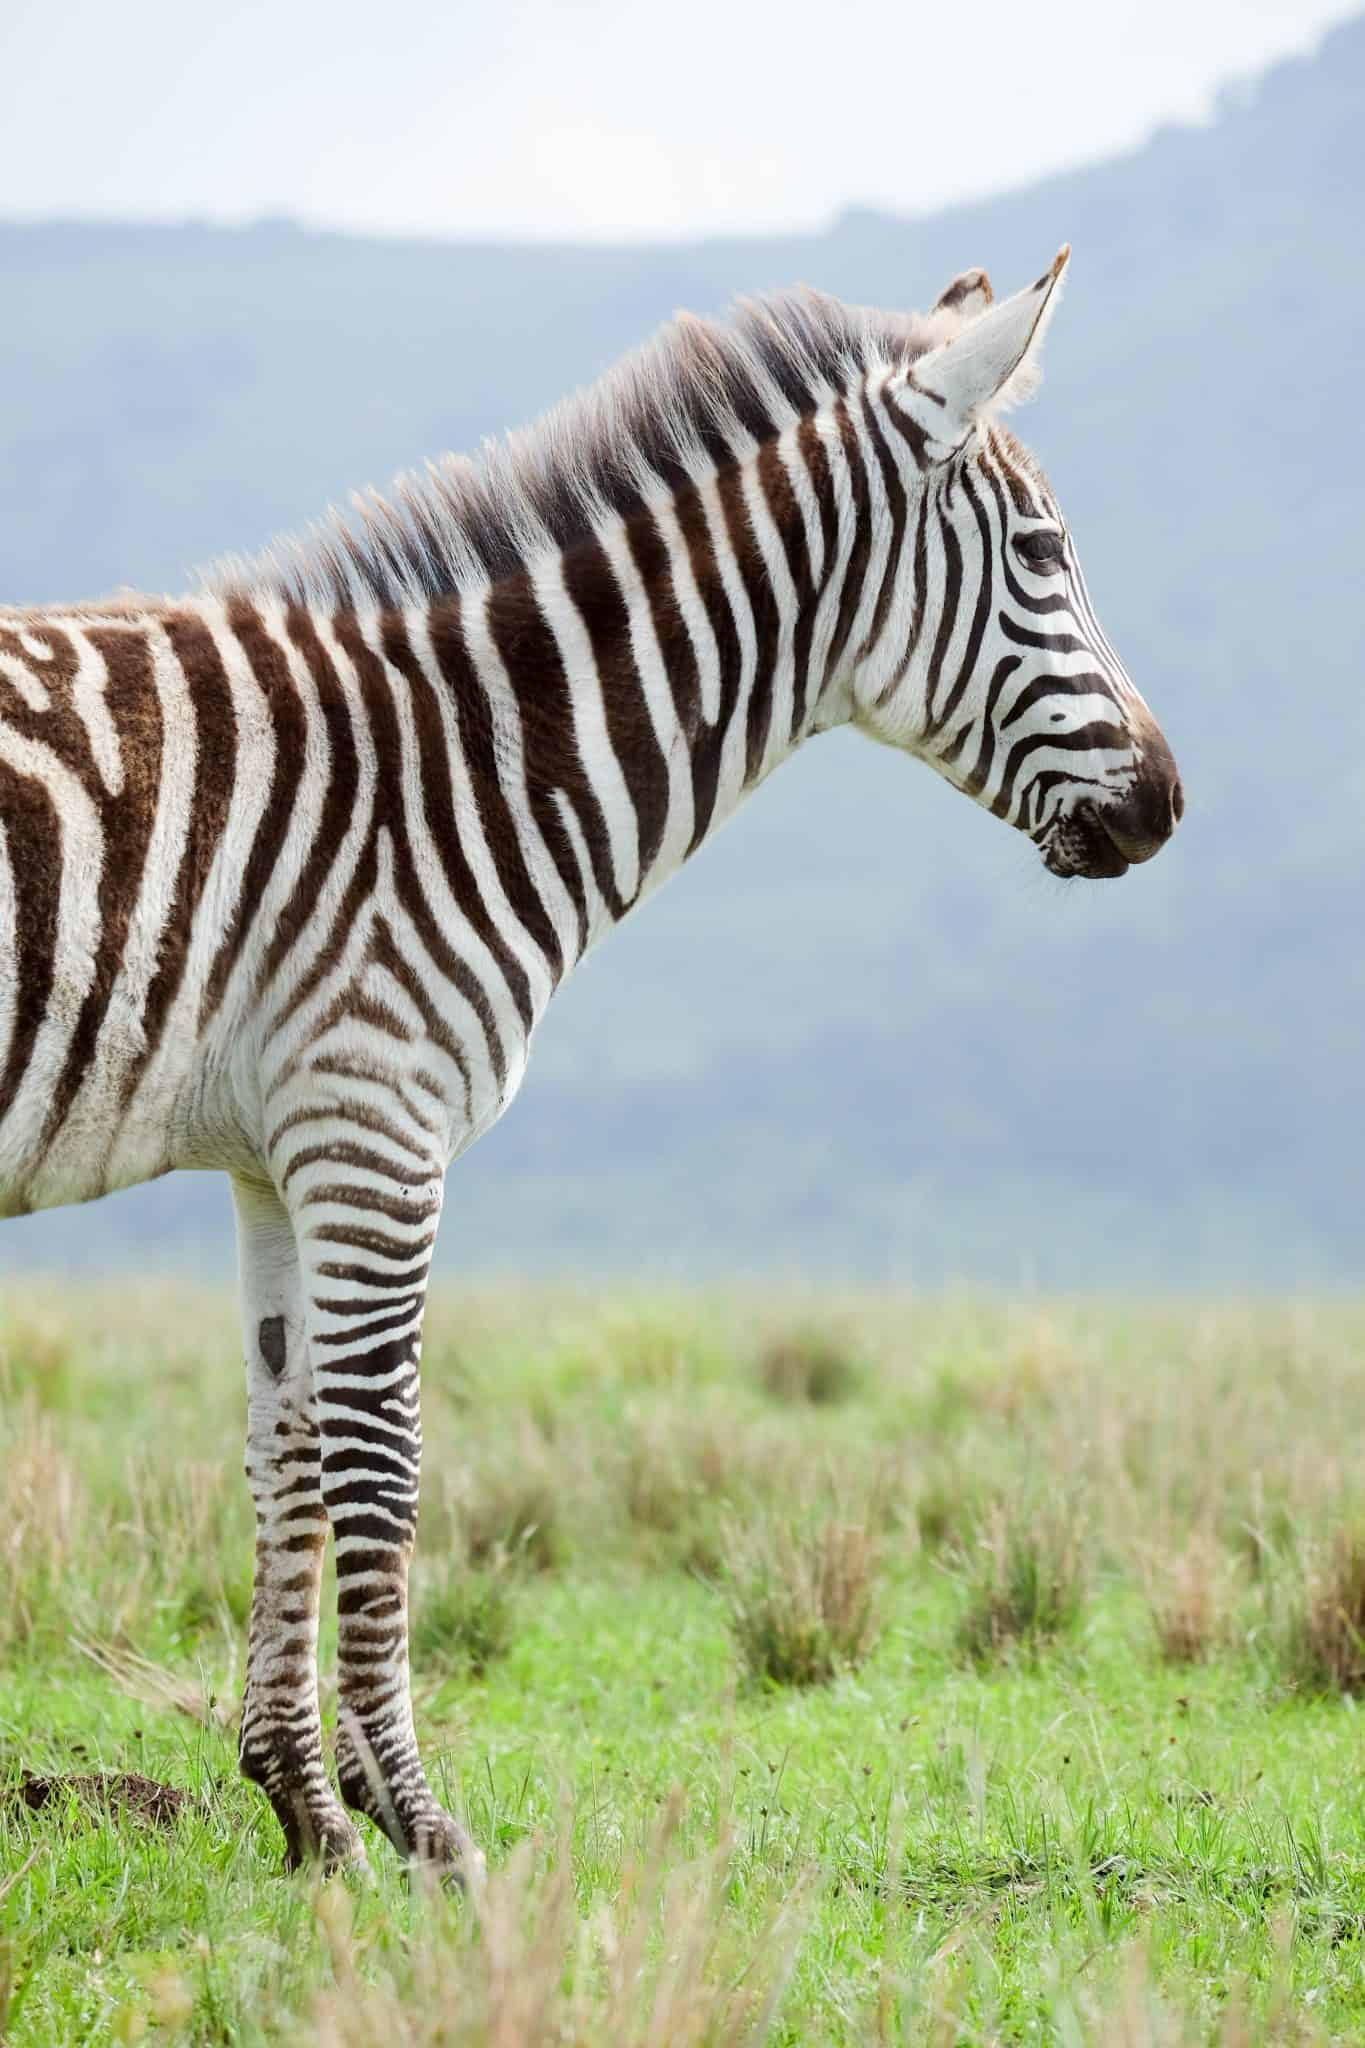 A Zebra in Tanzania